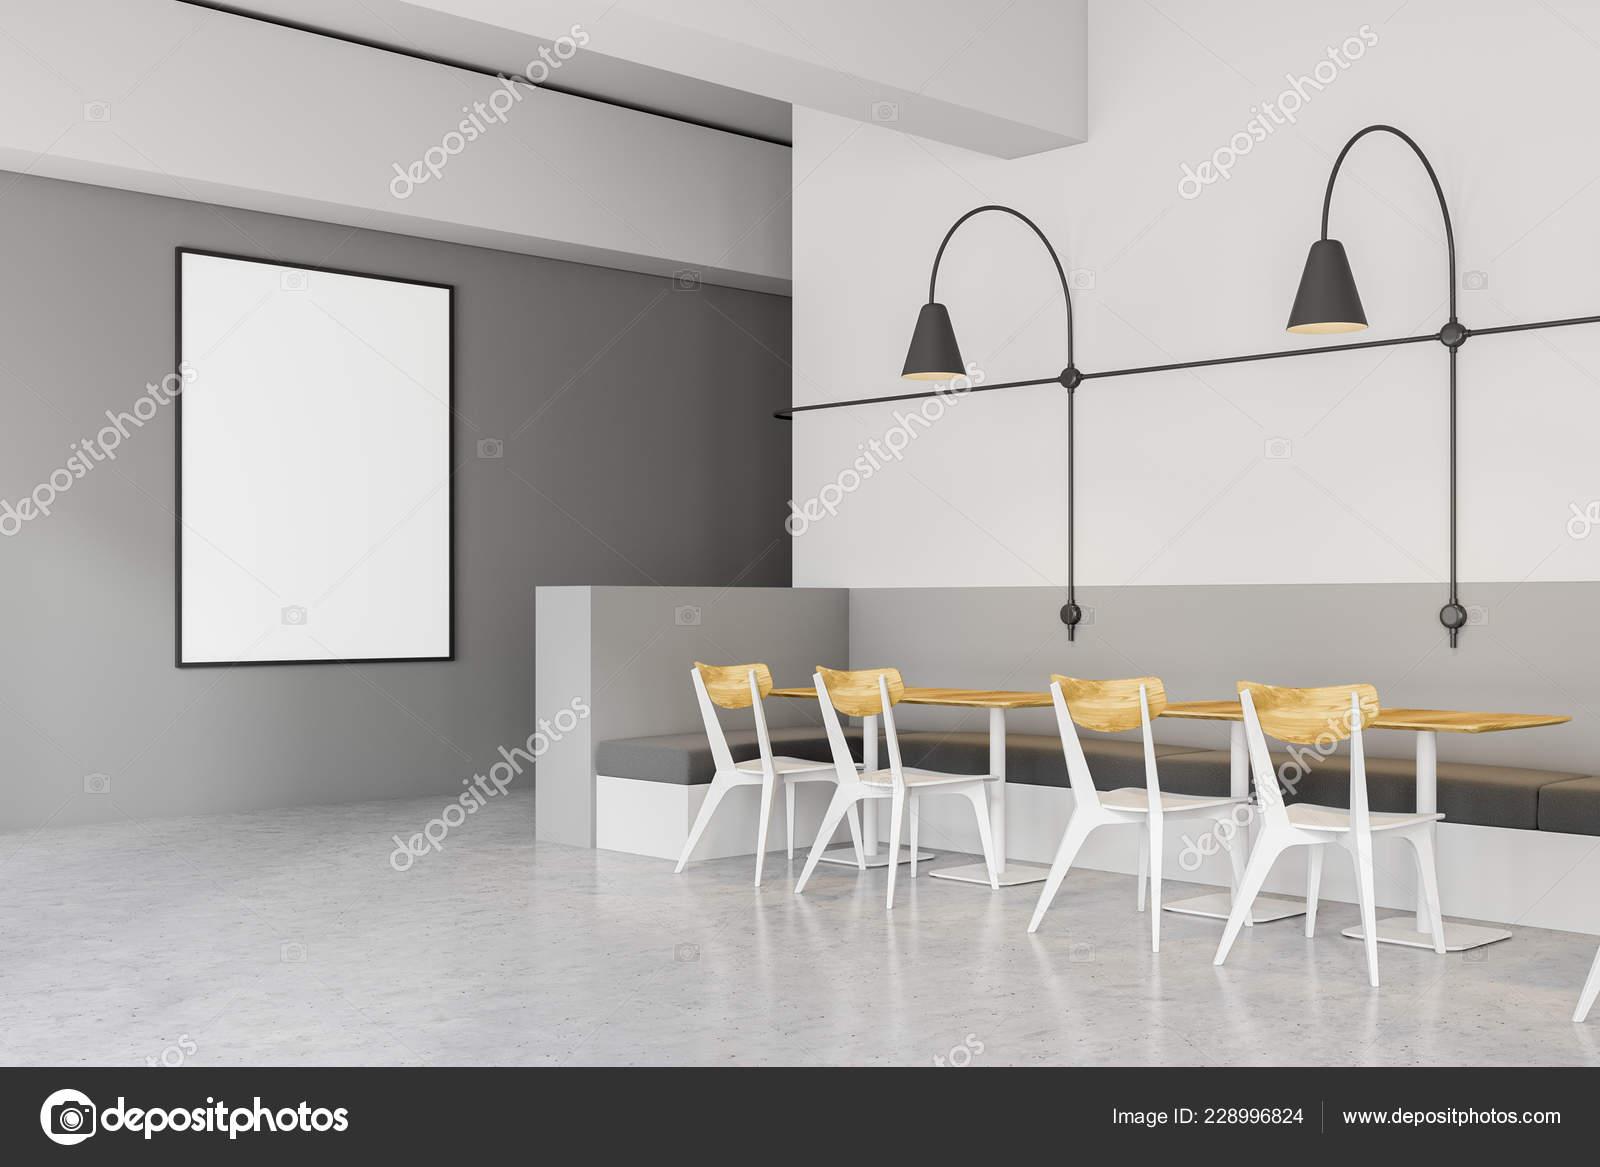 6d3d0825e8fa Esquina de la cafetería moderna con paredes gris y blanco, piso de  concreto, blancos y madera sillas y sofás grises cerca de mesas de madera y  lámparas de ...